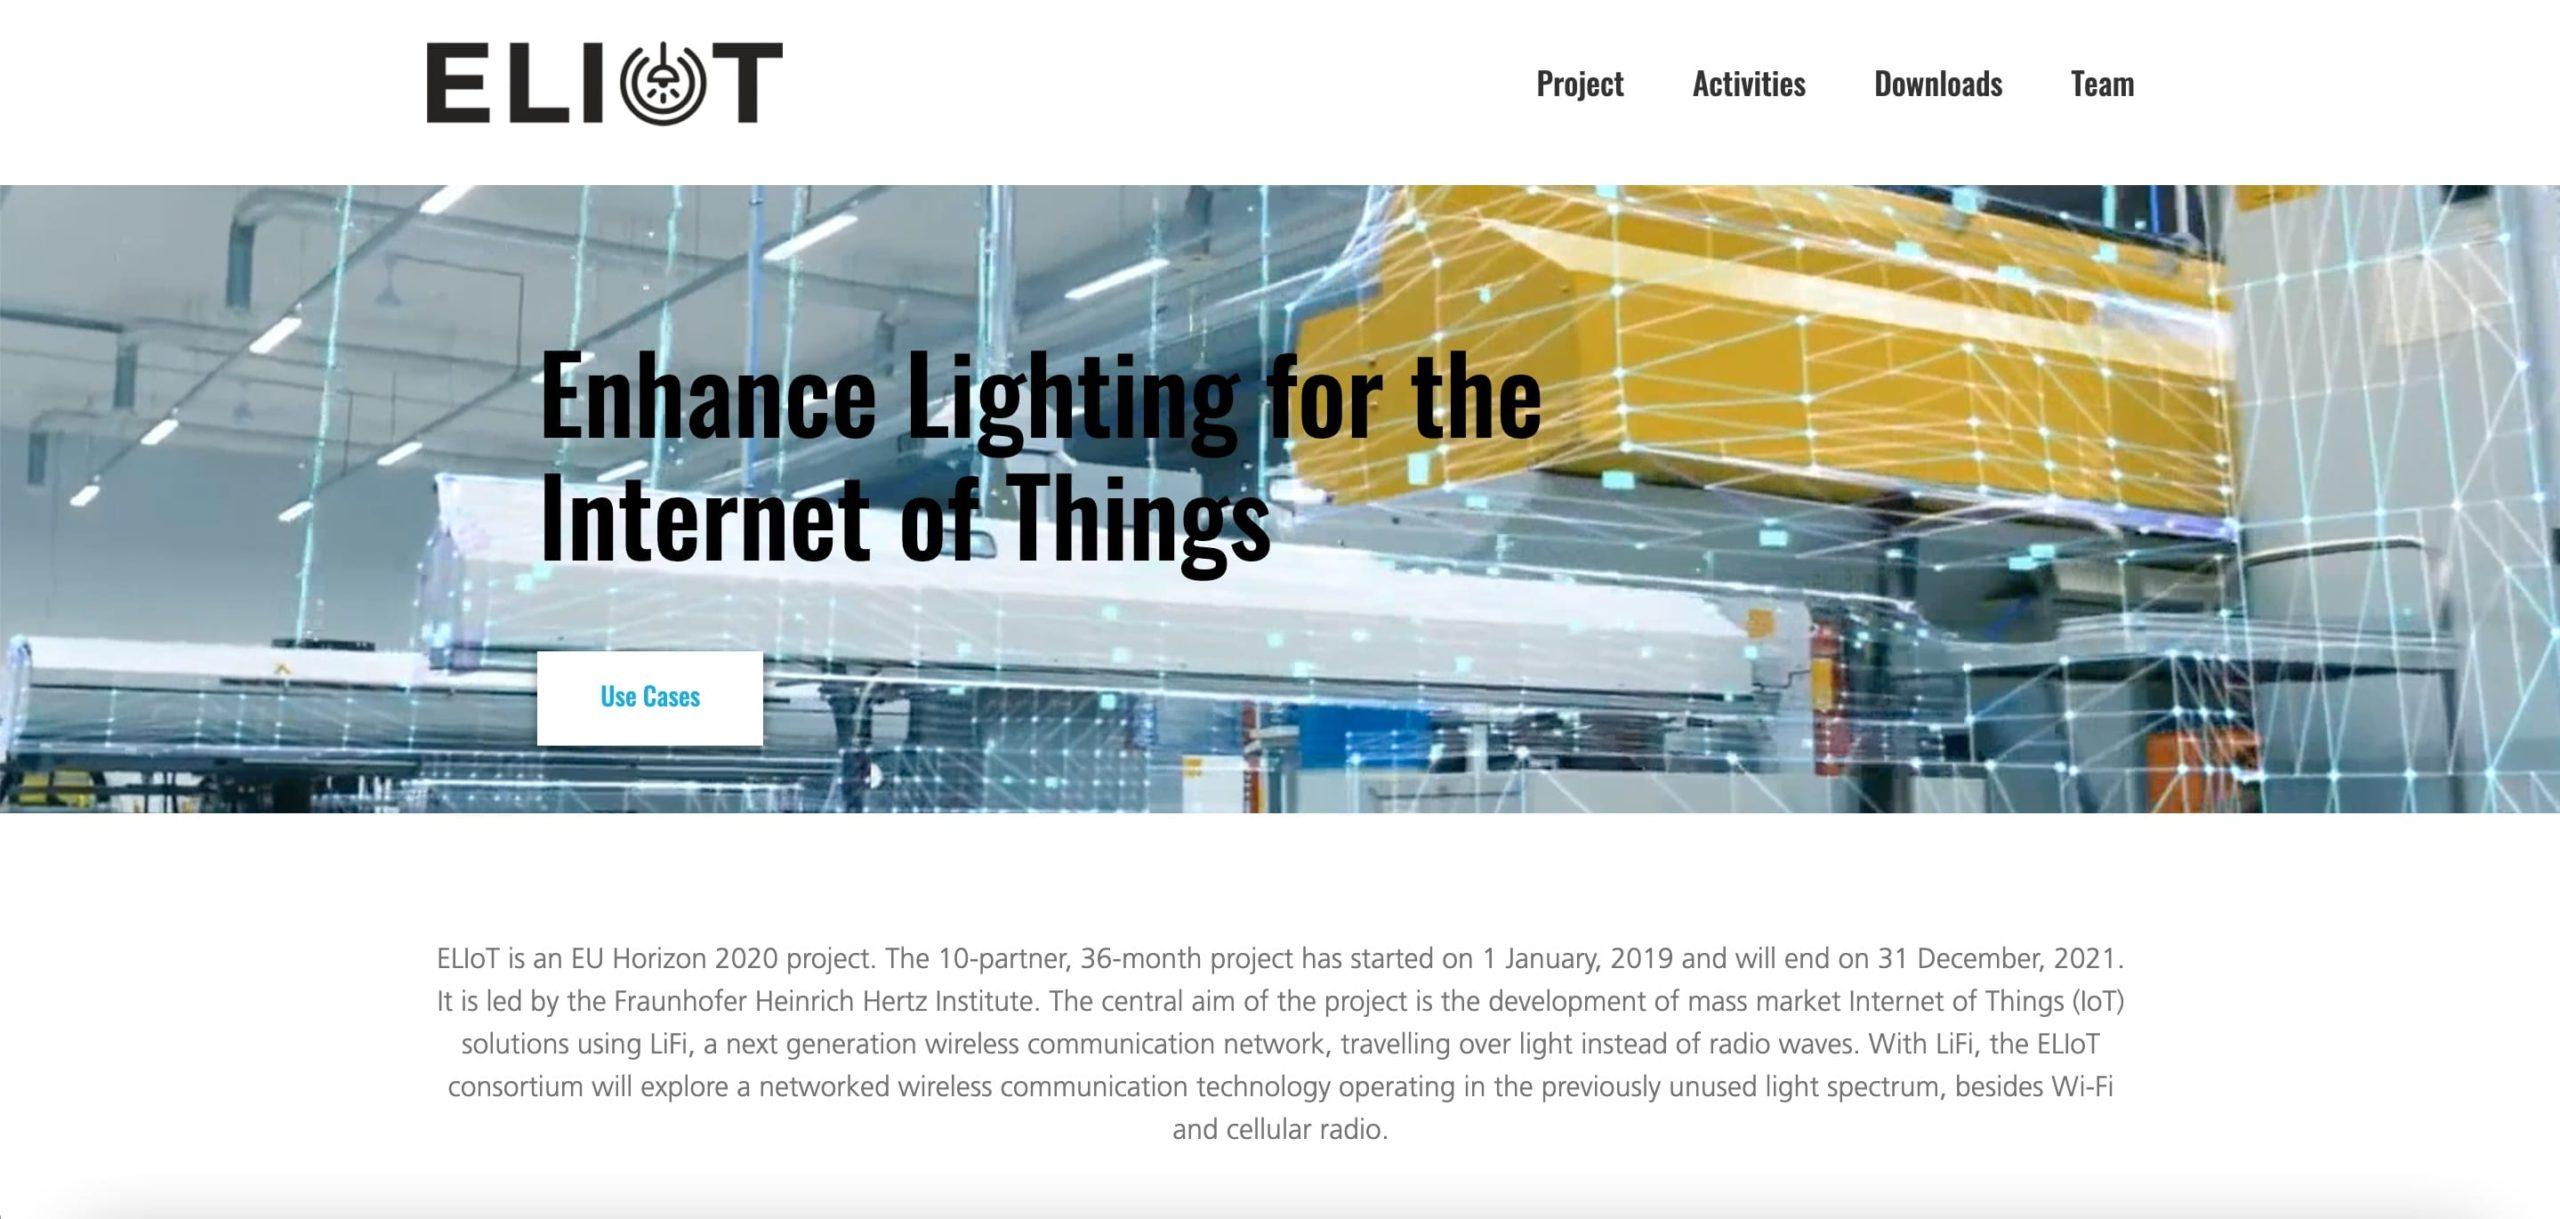 Screenshot-fünf-disruptive-innovationen-und-technologien-ELIoT